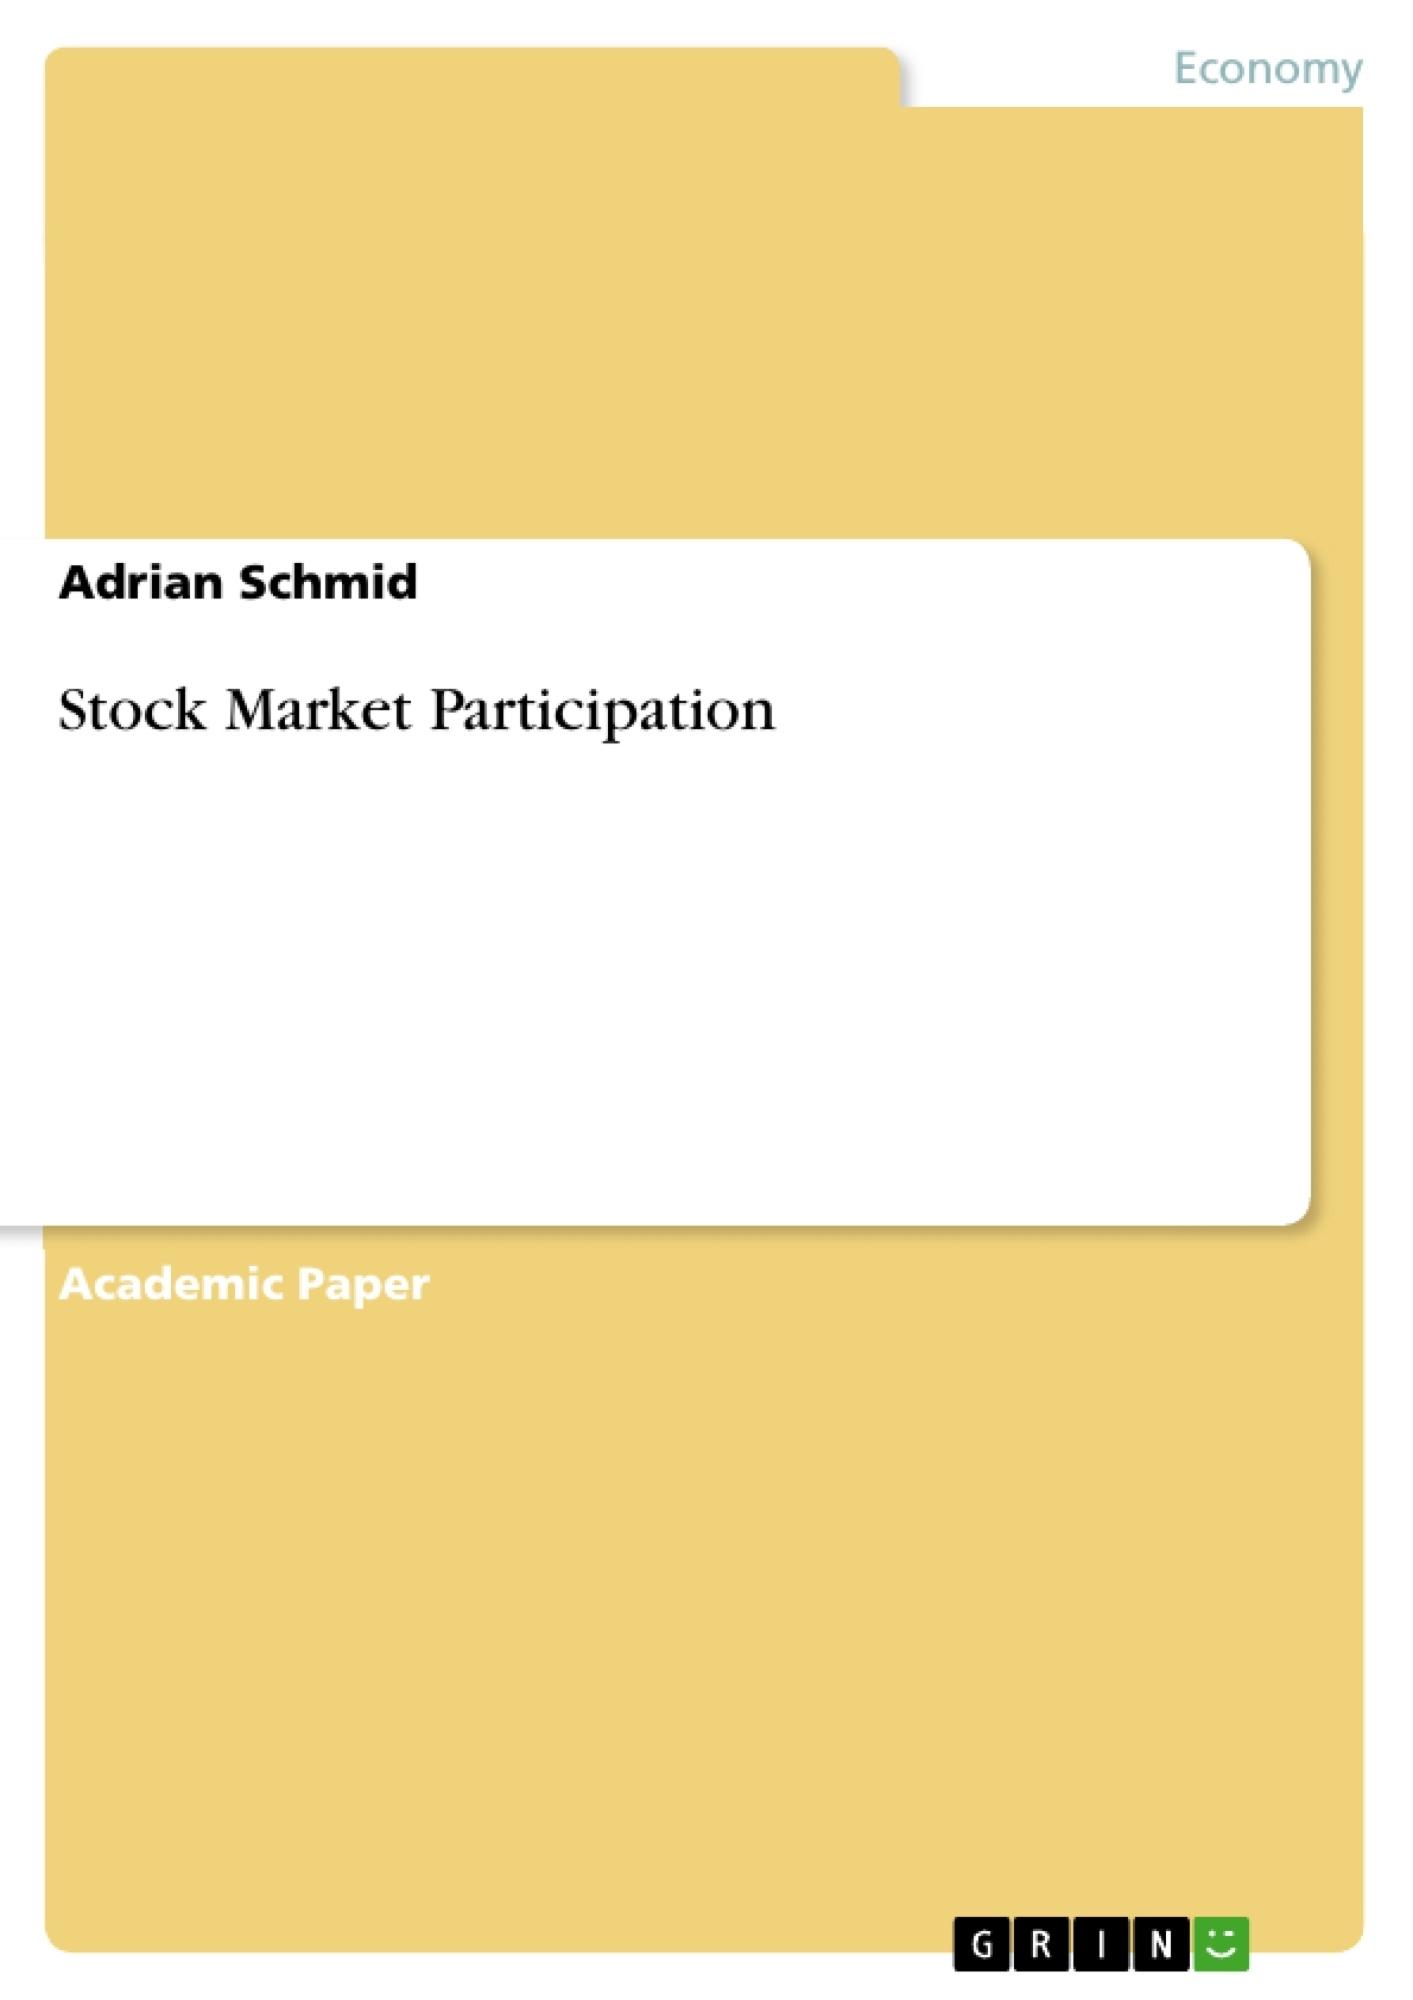 Title: Stock Market Participation